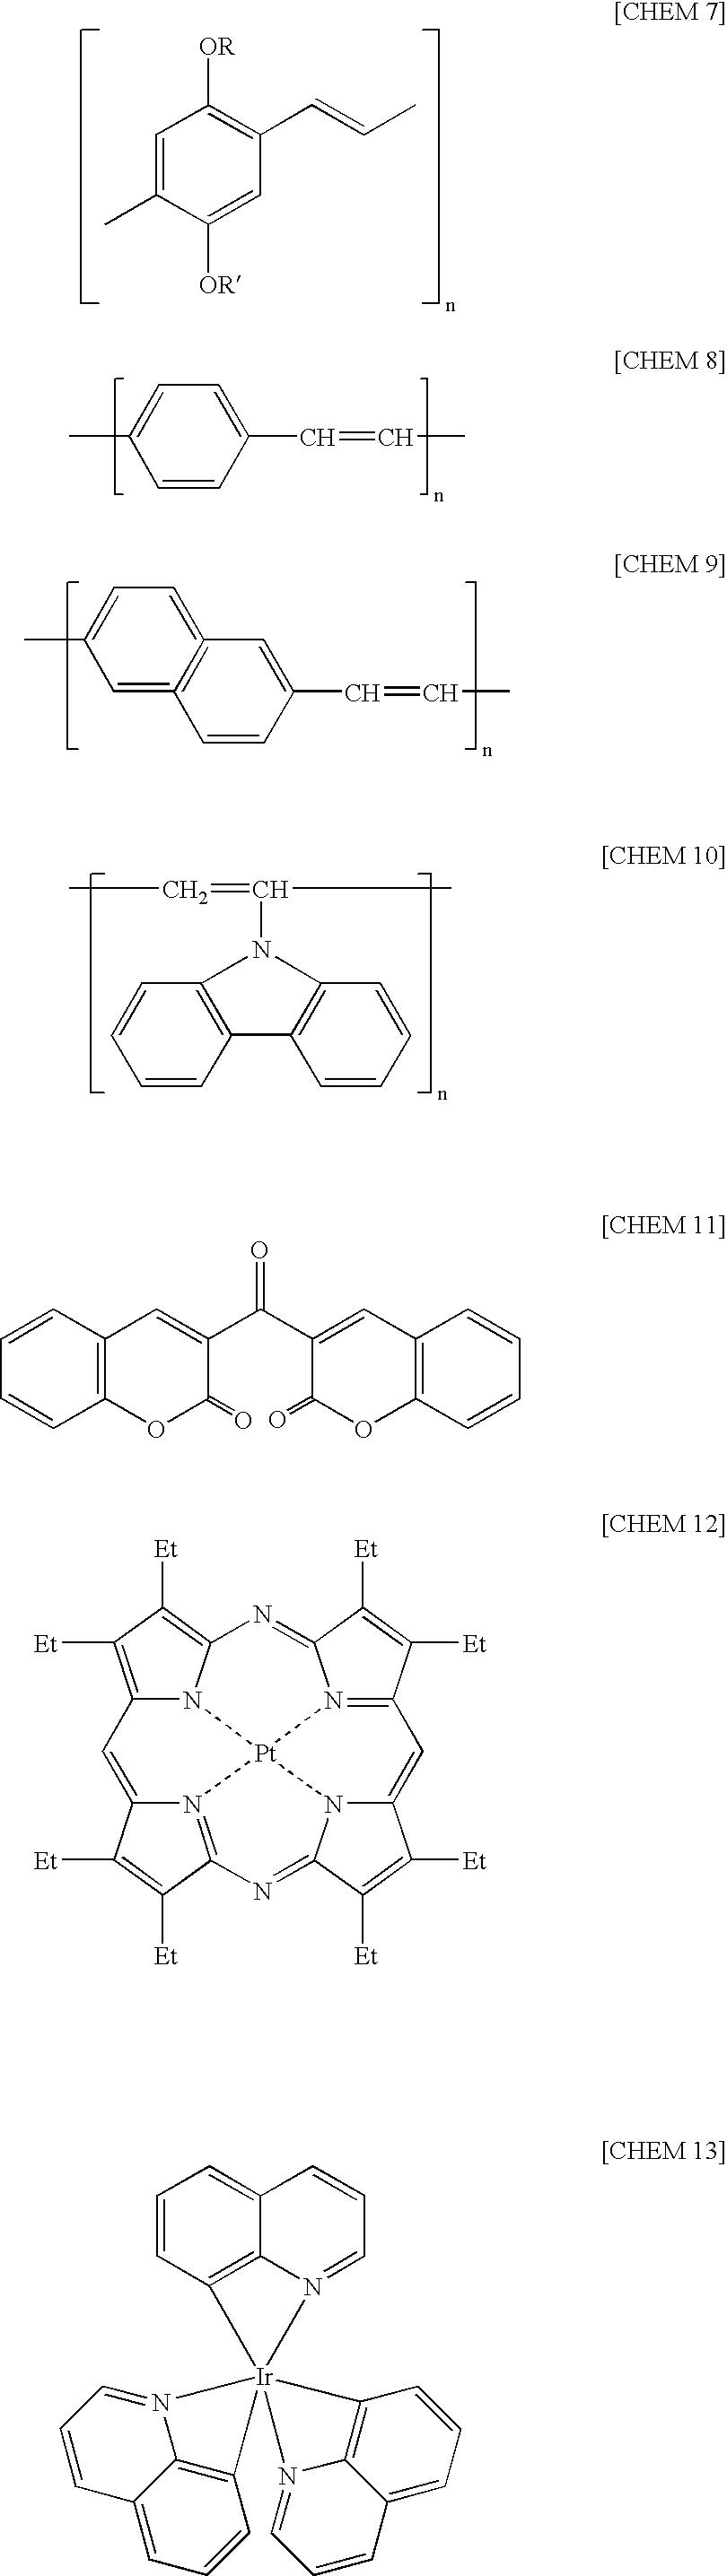 Figure US07393707-20080701-C00002